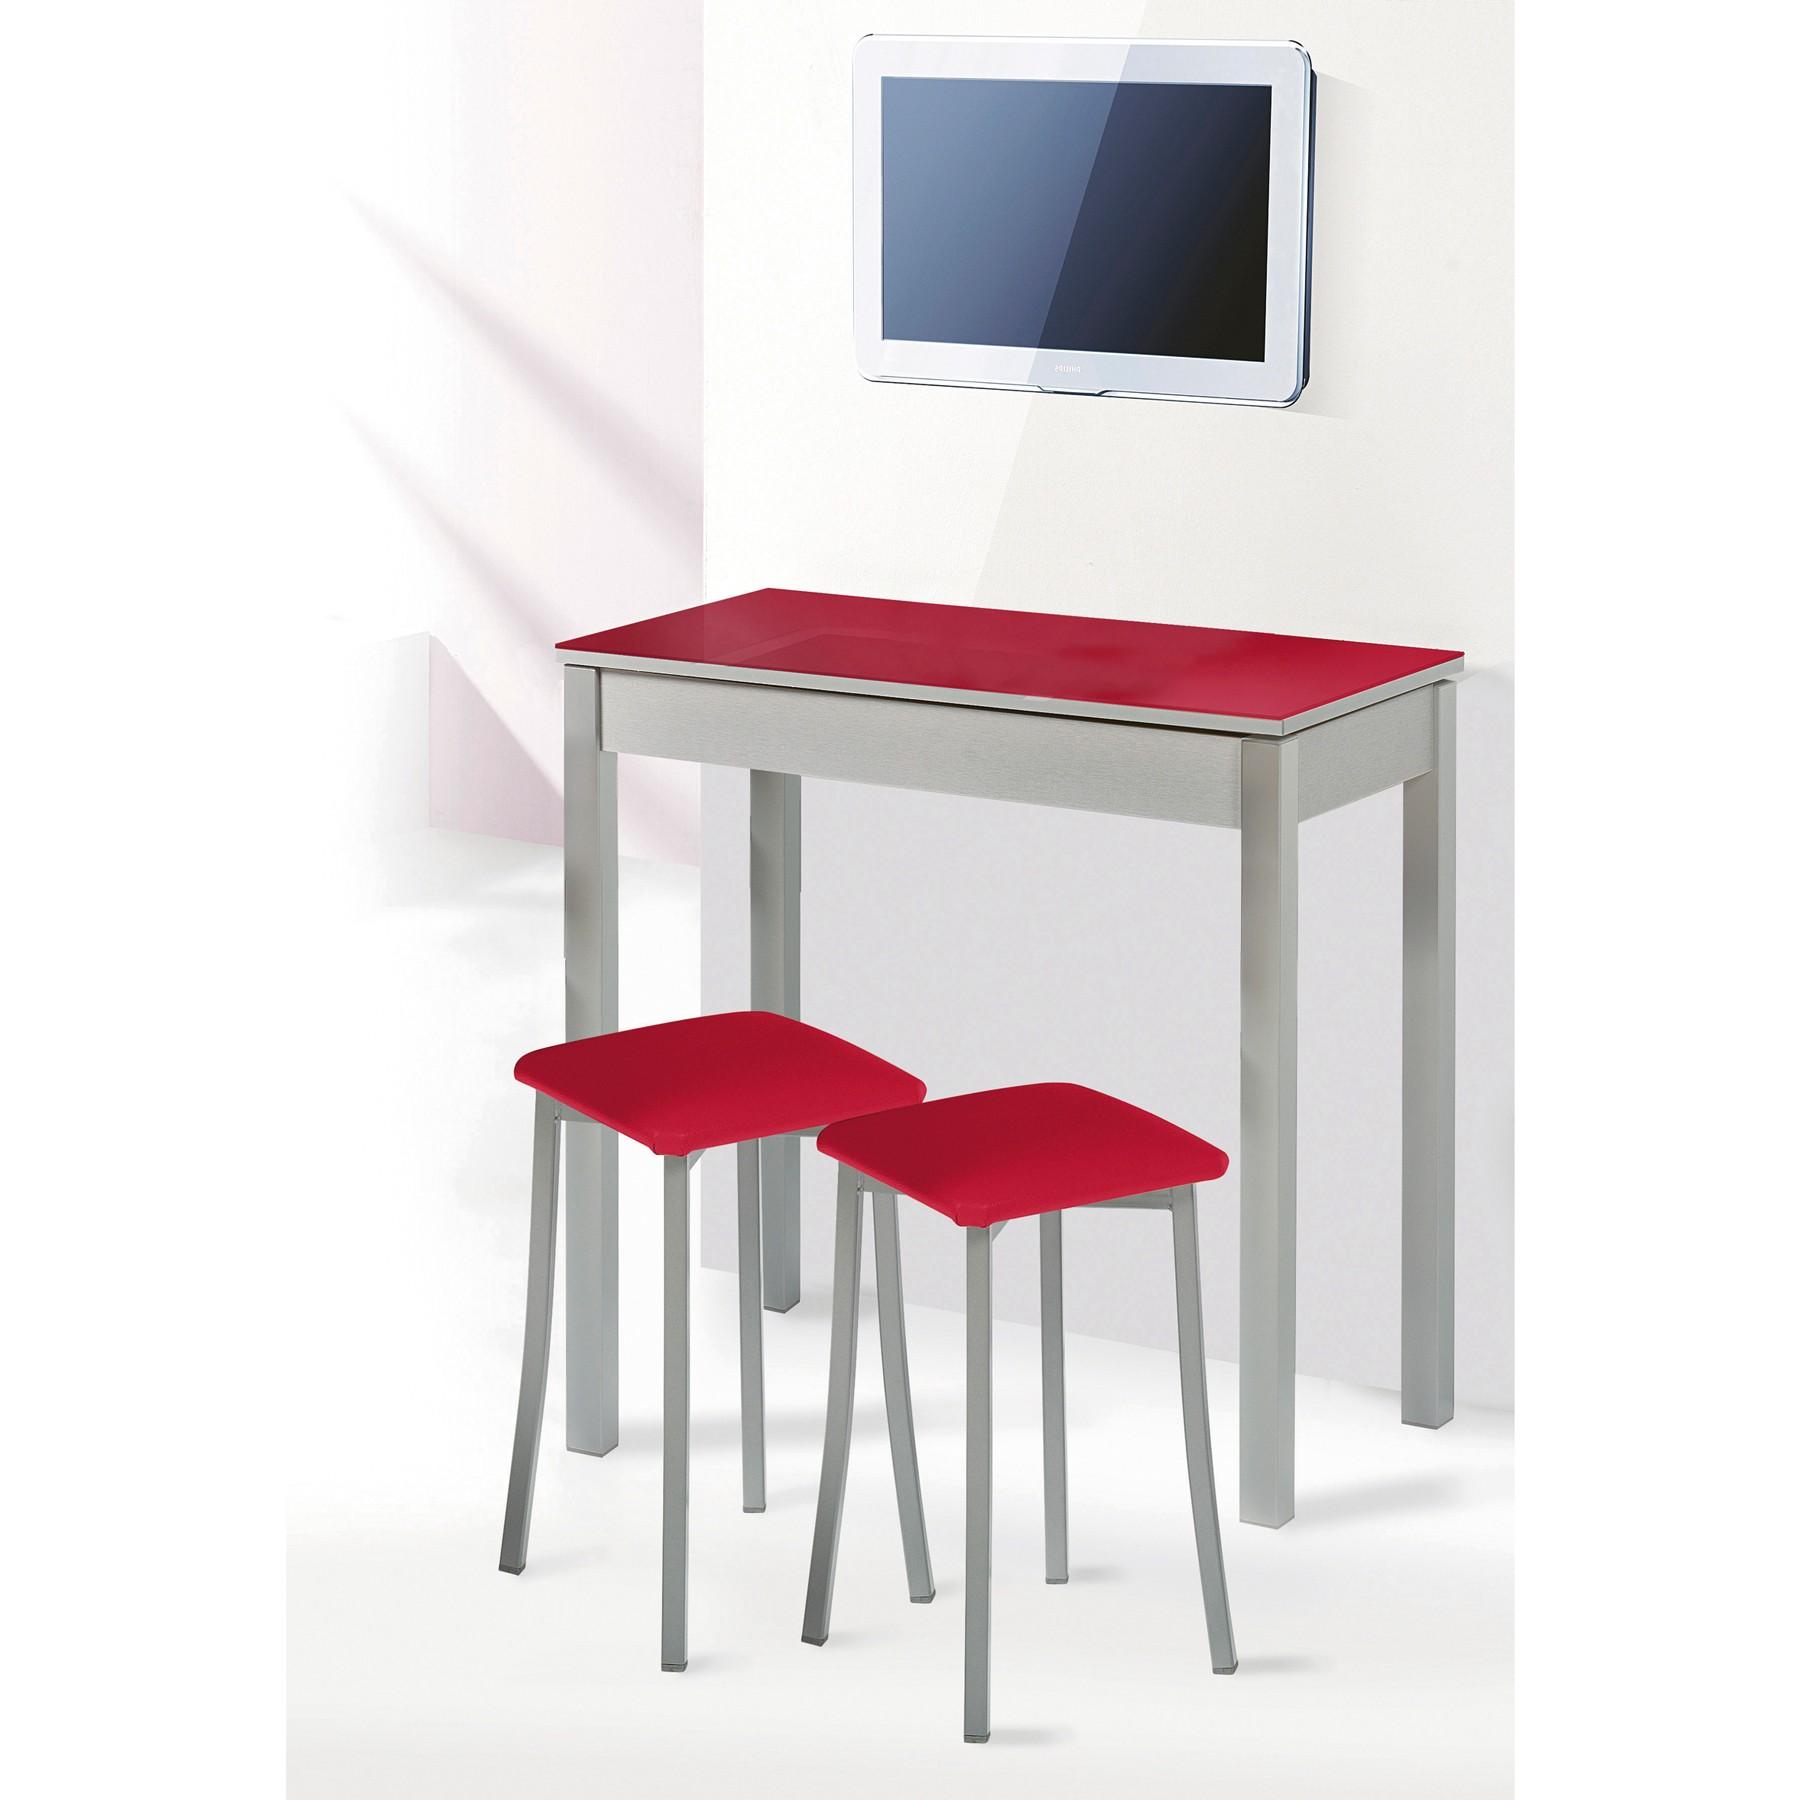 Mesa de cocina fija y taburetes modelo Liborno espacios reducidos